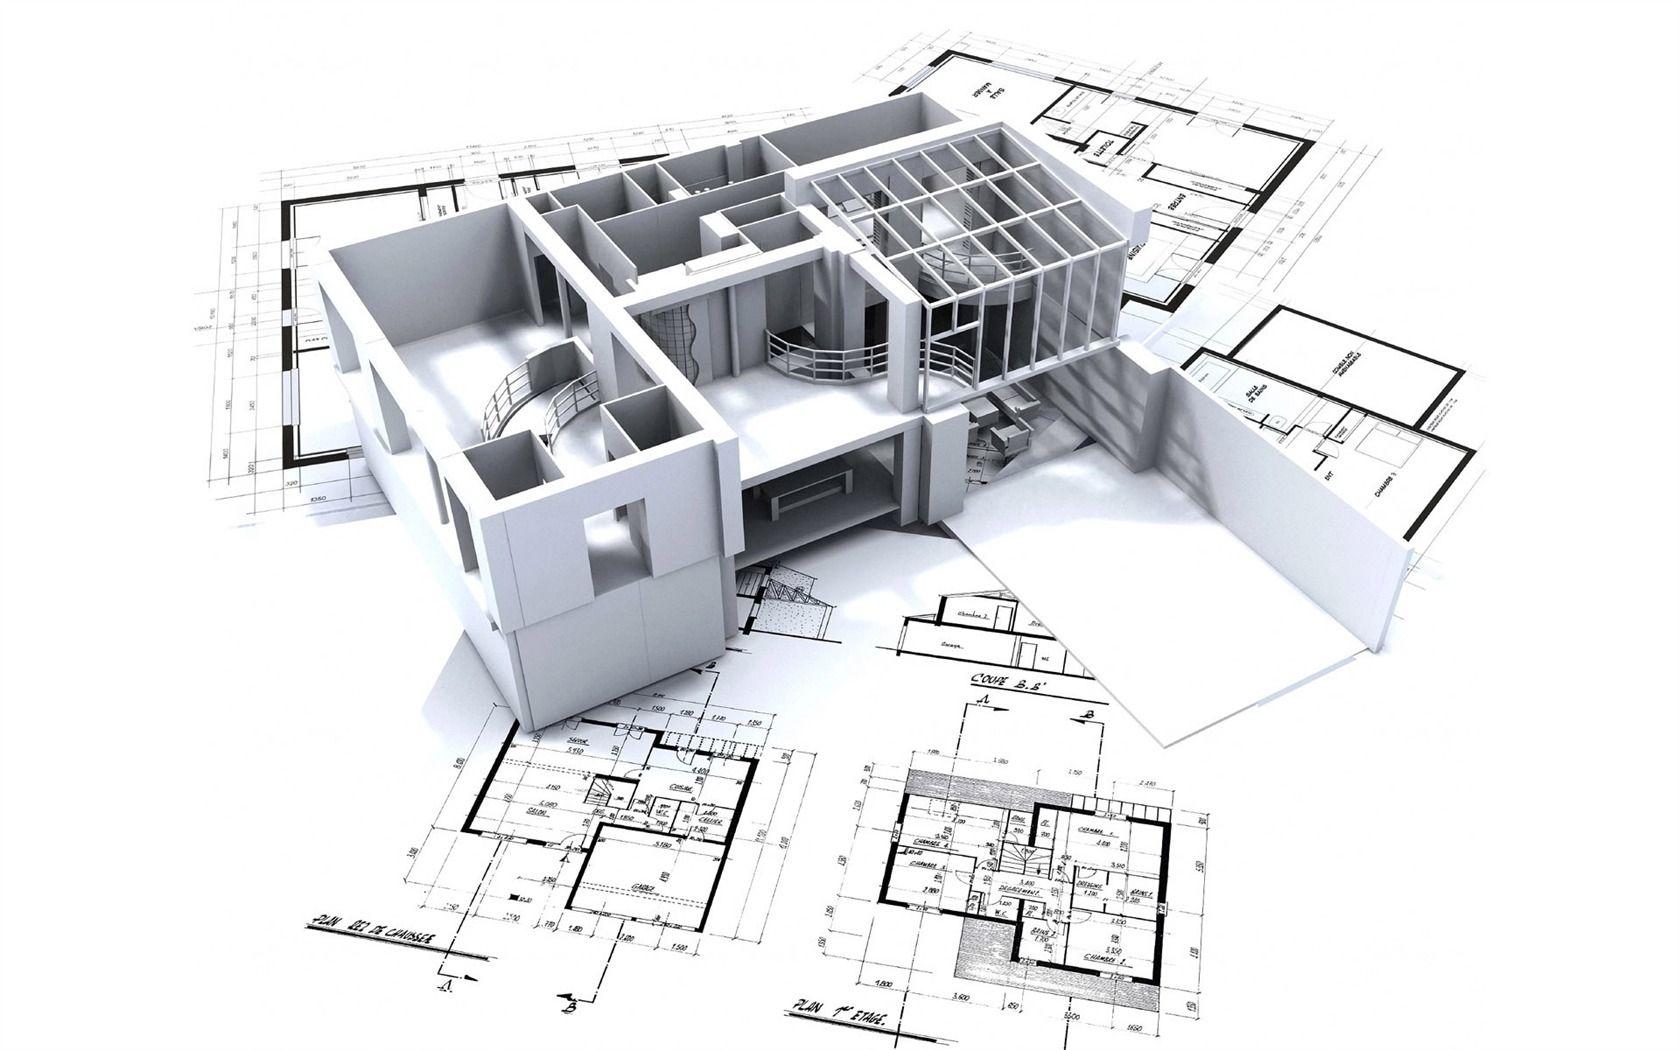 Fondo de pantalla 3D Diseño Arquitectónico (2) #10 - 1680x1050